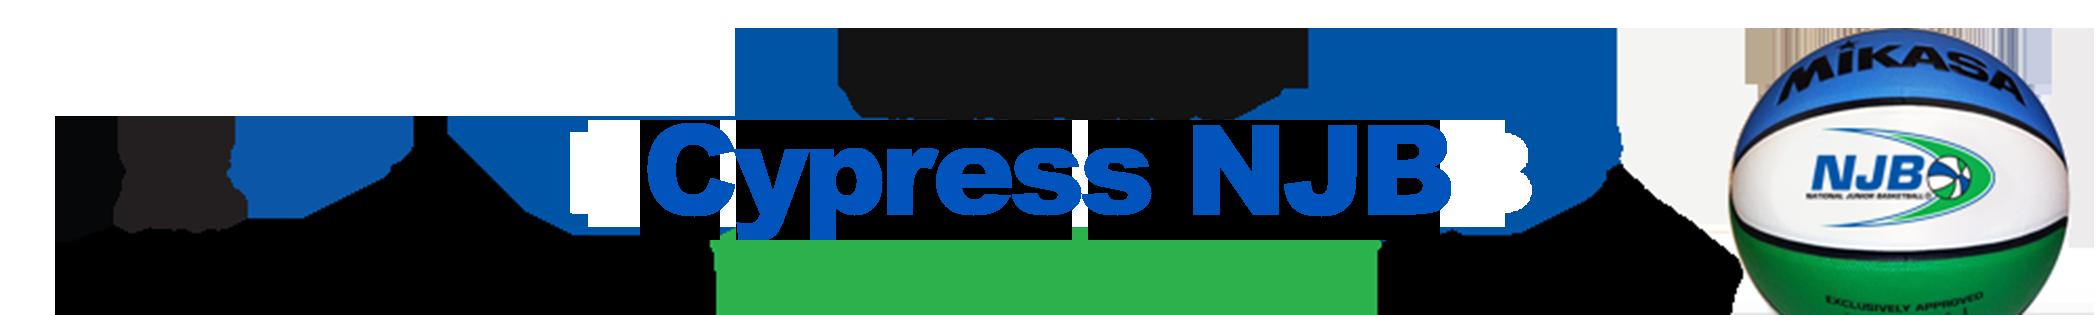 Cypress njb